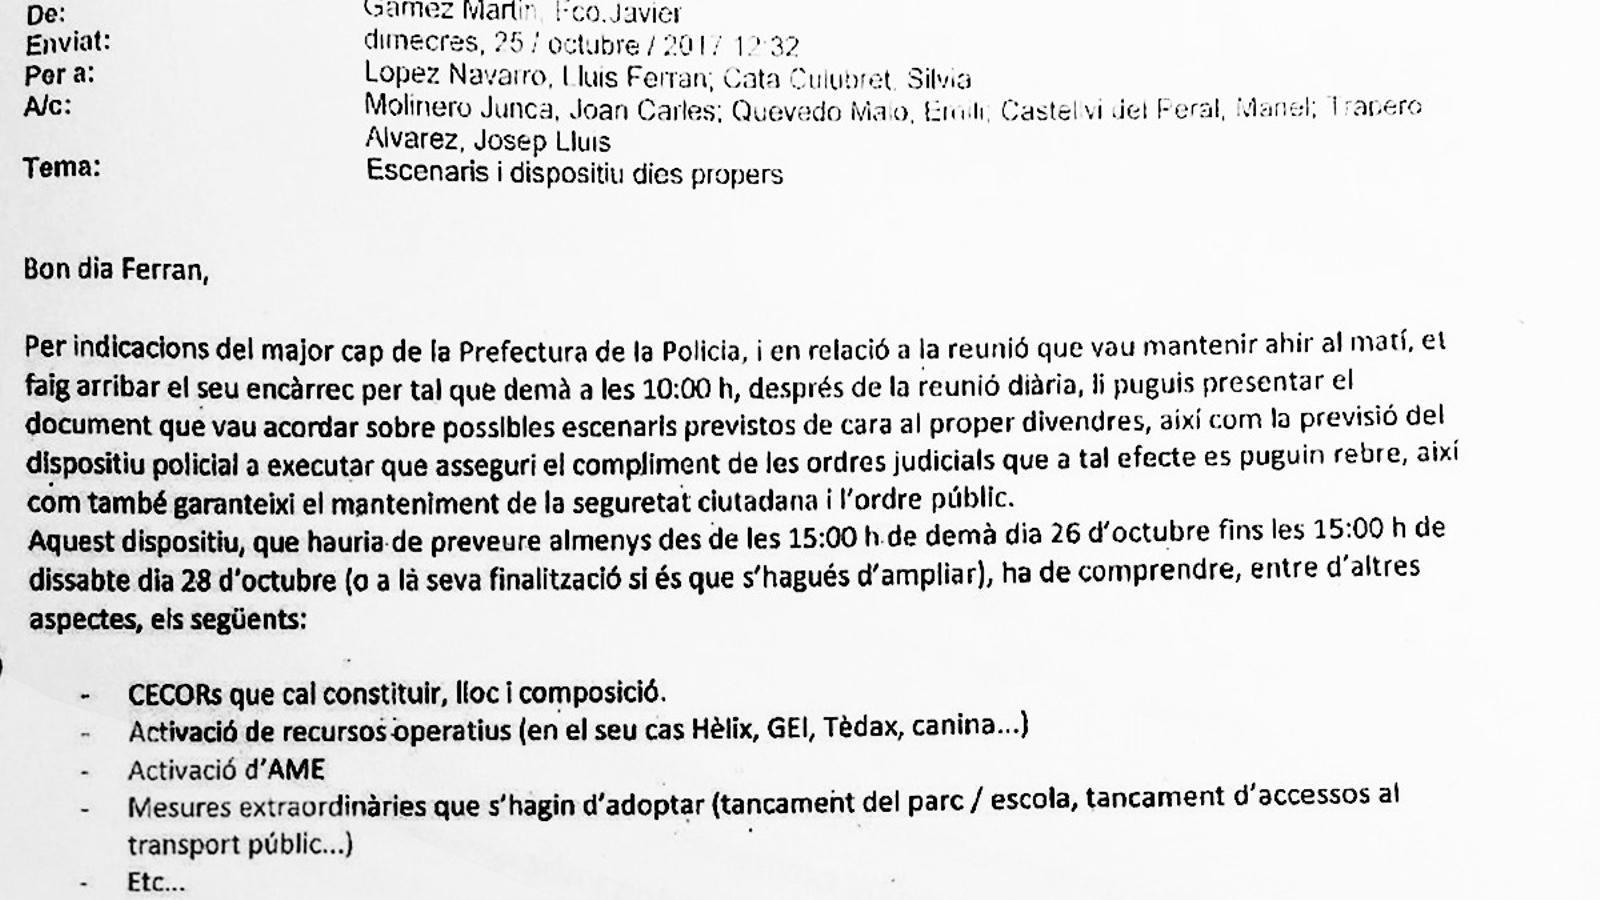 Correu enviat a Ferran López el 25 d'octubre sobre el dispositiu per detenir el Govern